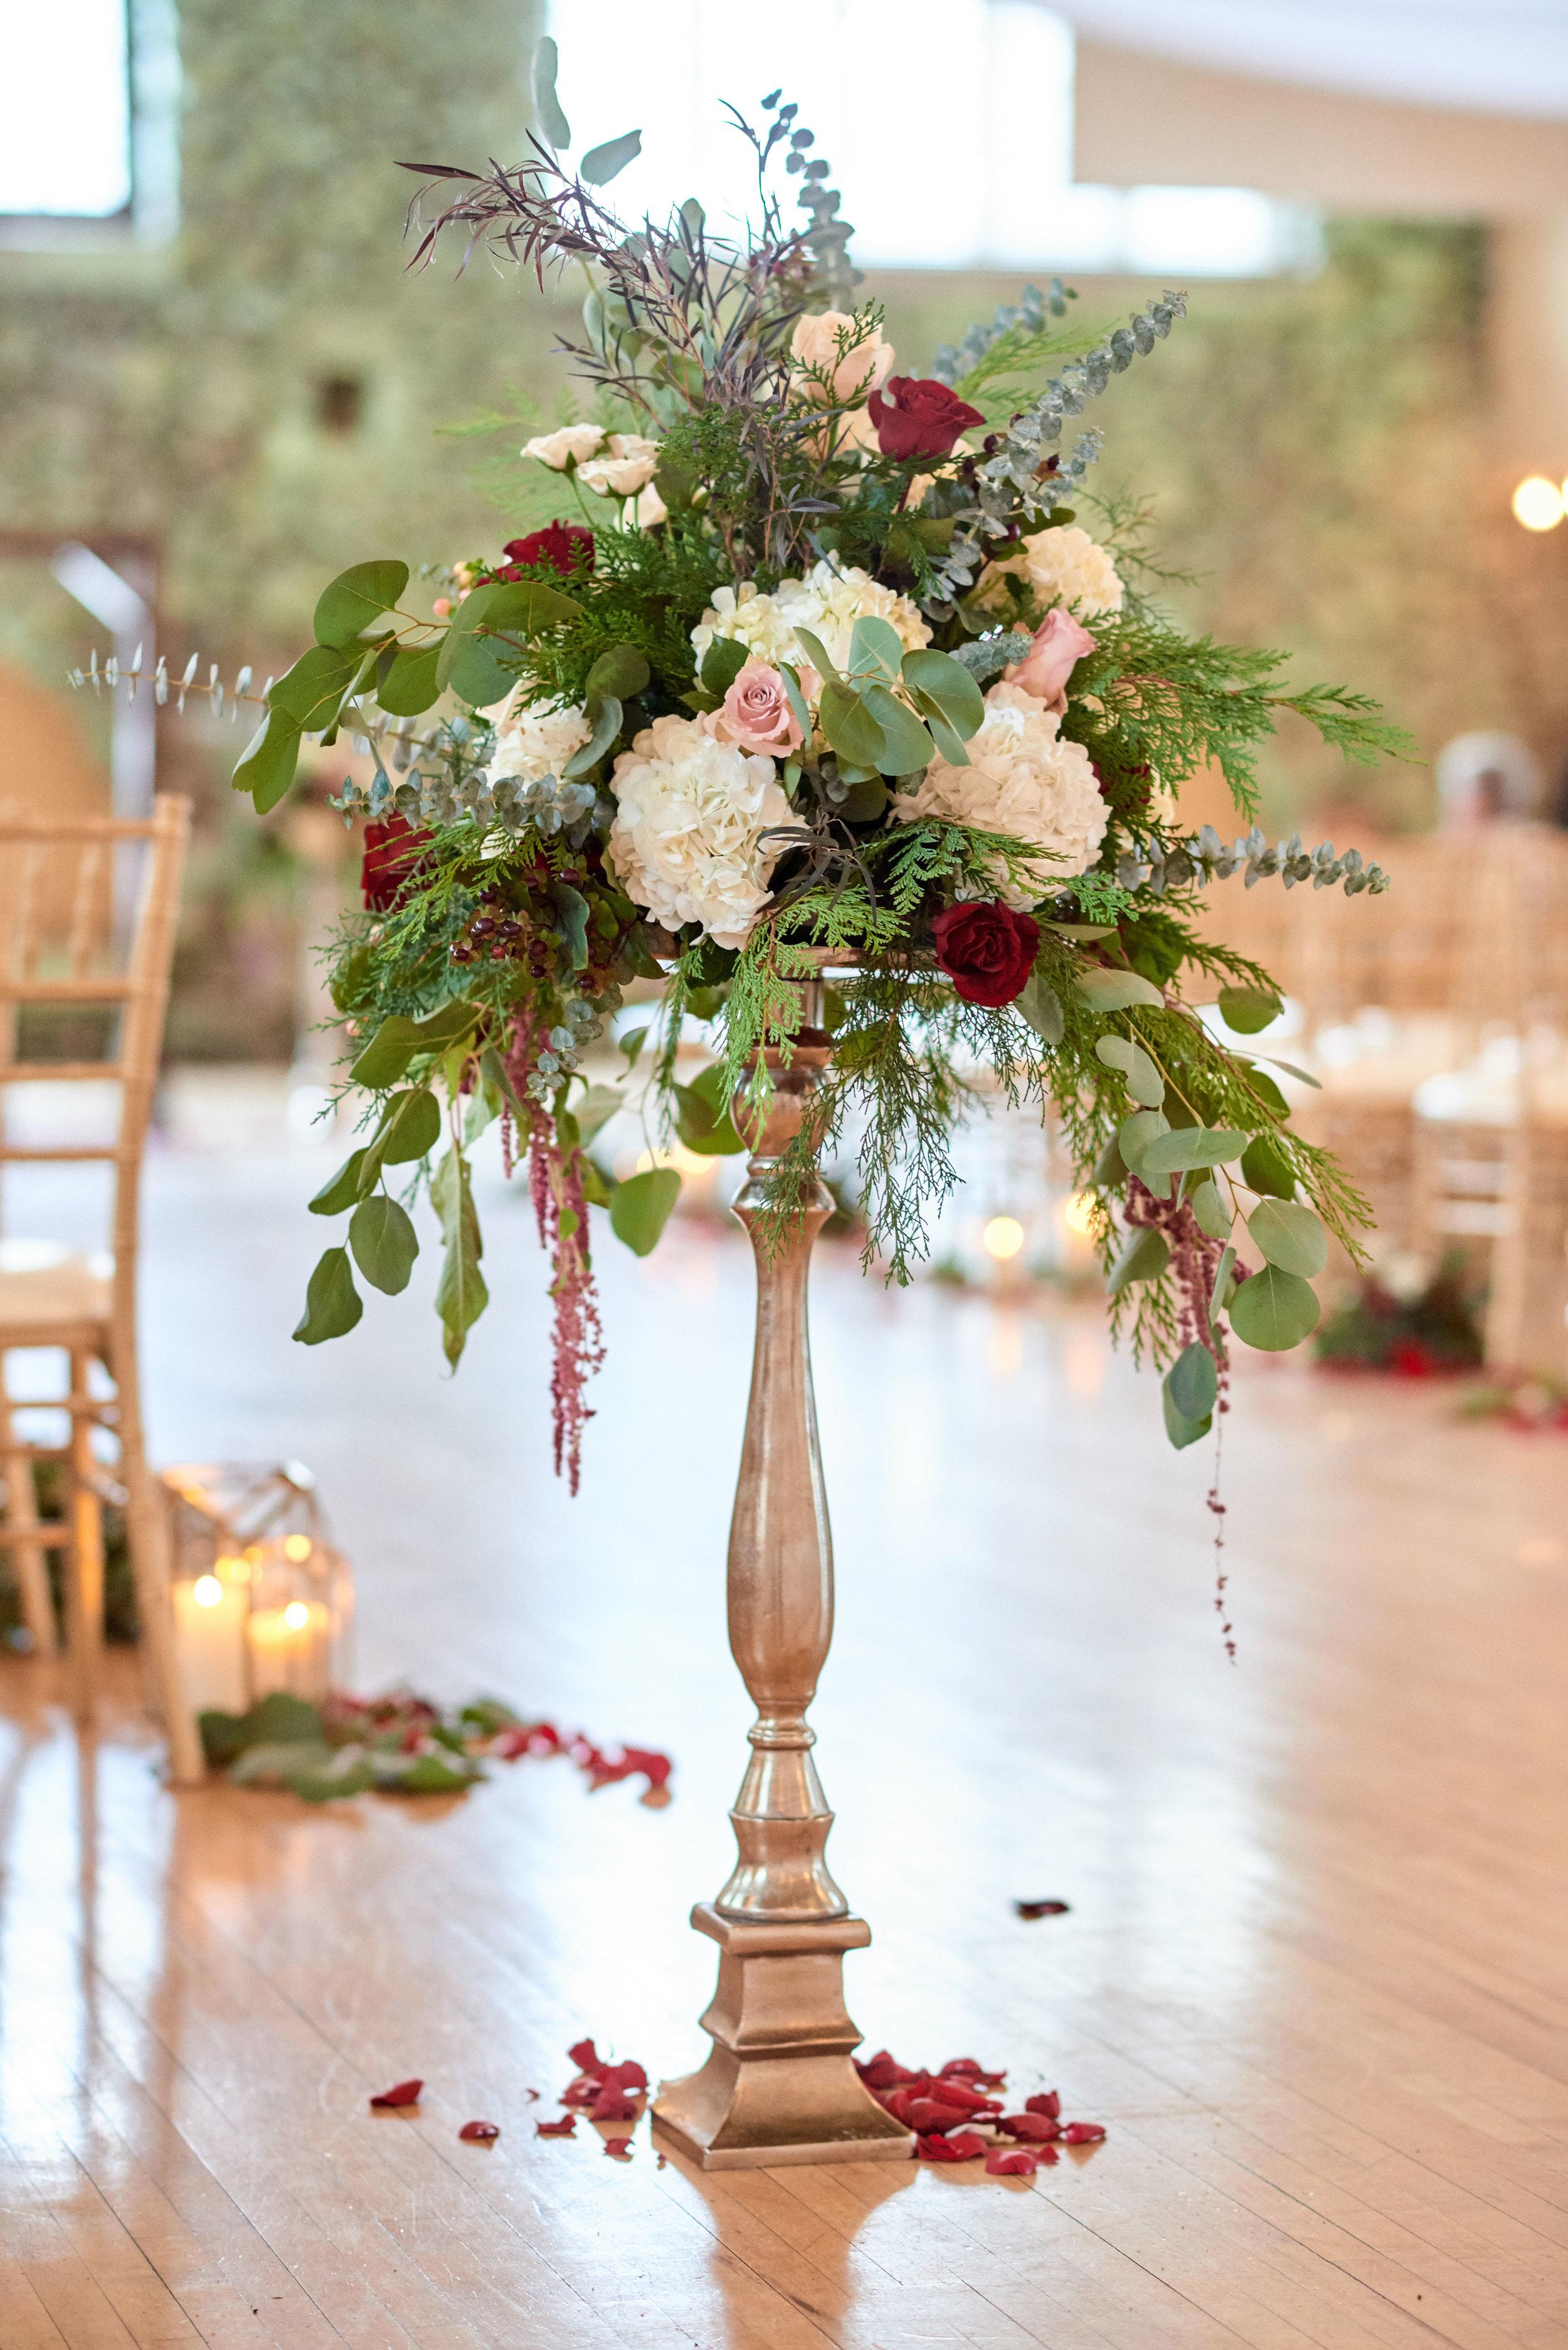 339-rothschild-pavilion-winter-wedding.jpg